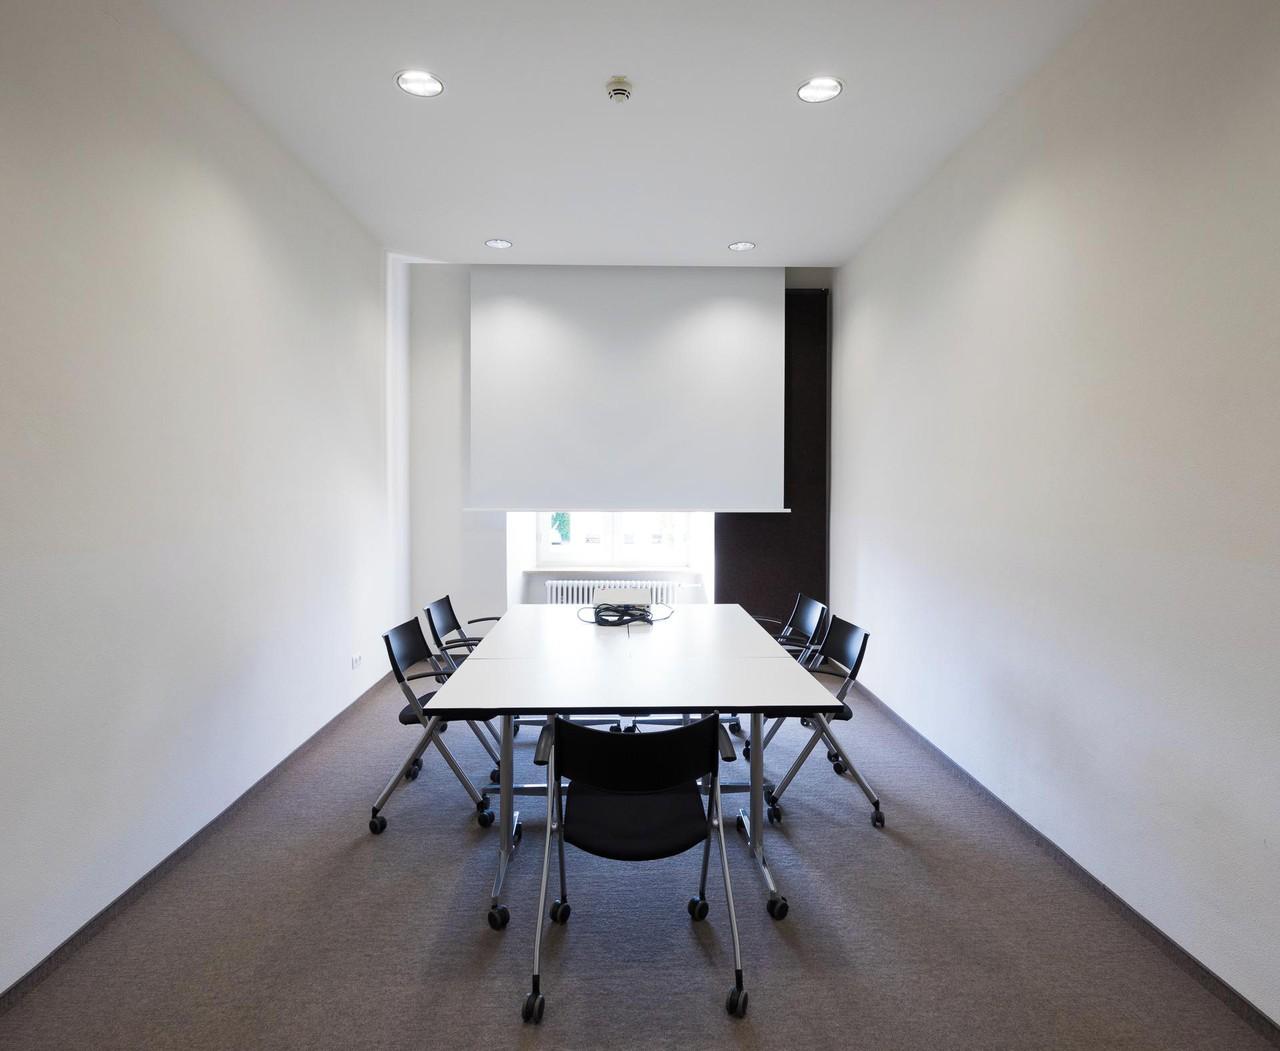 Augsburg  Meetingraum Seminarraum 2 image 0